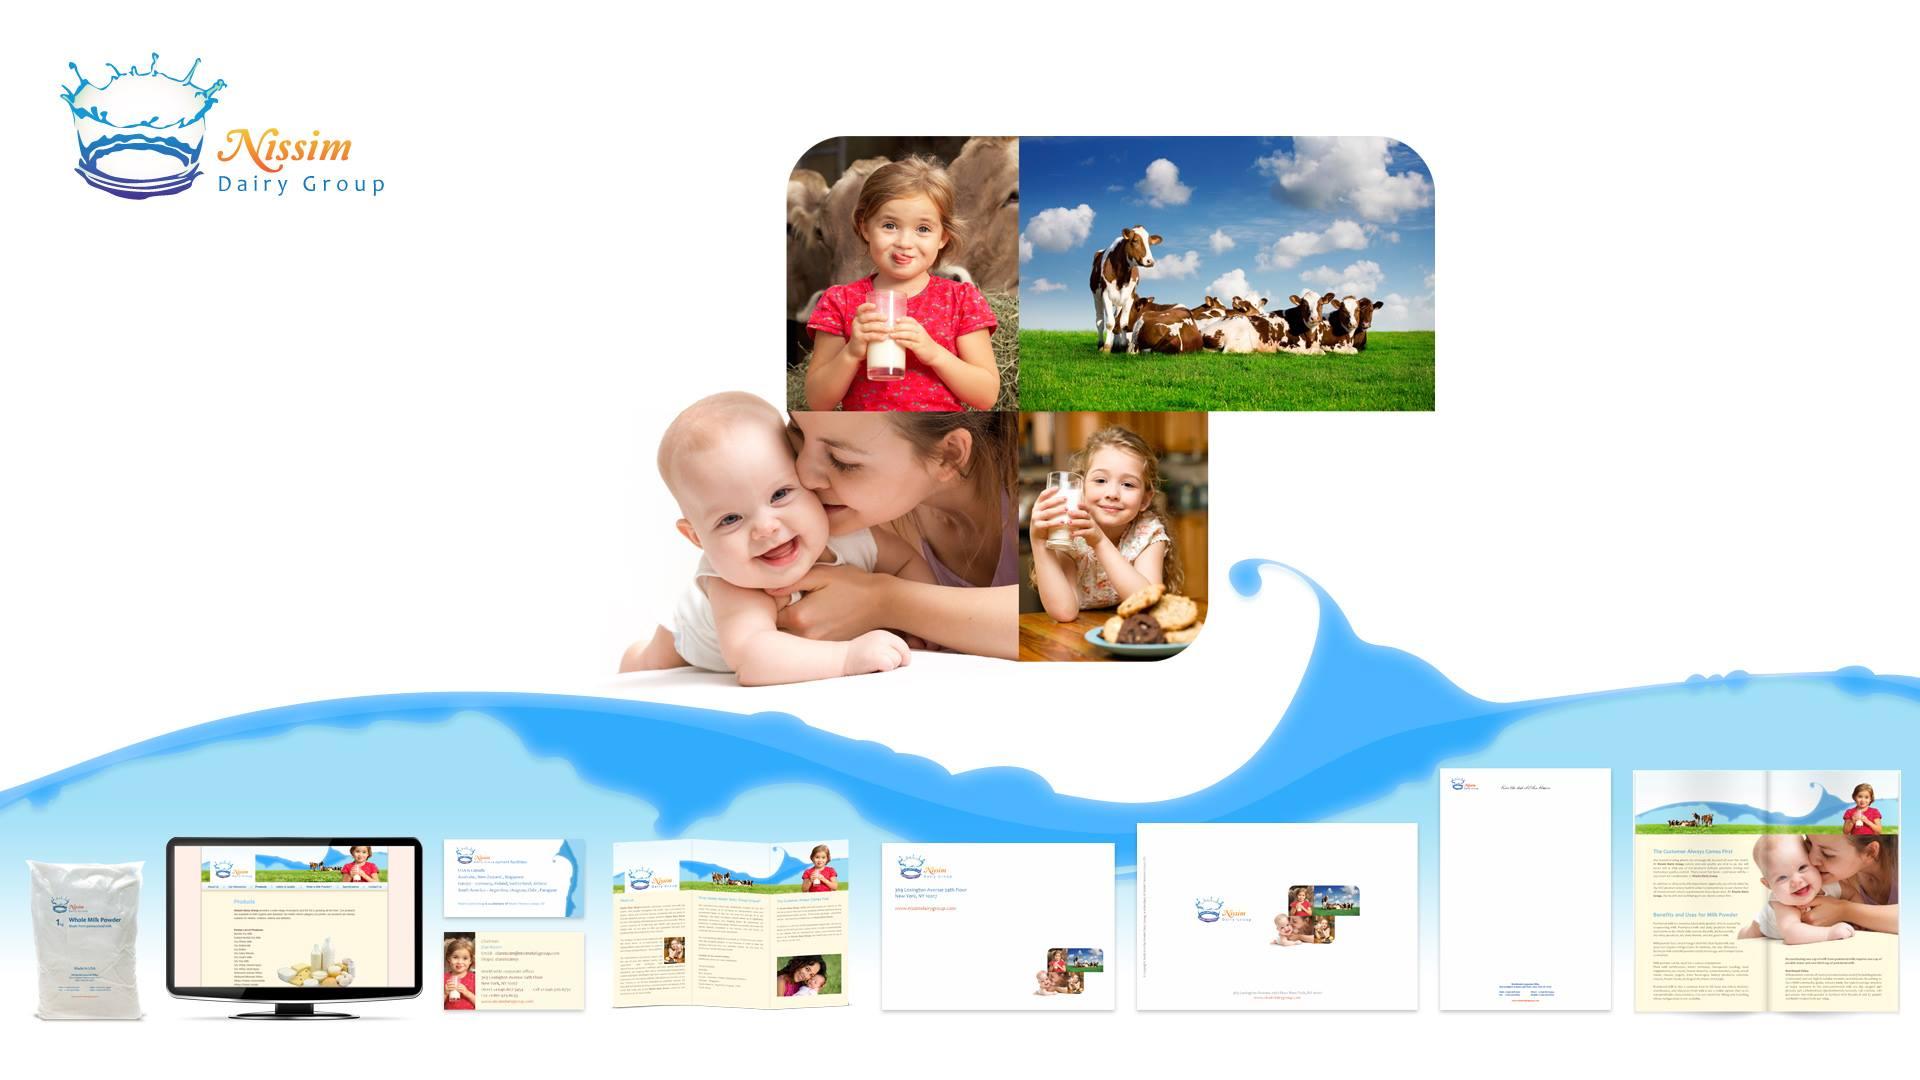 מיתוג עסקי - Nissim Dairy Group